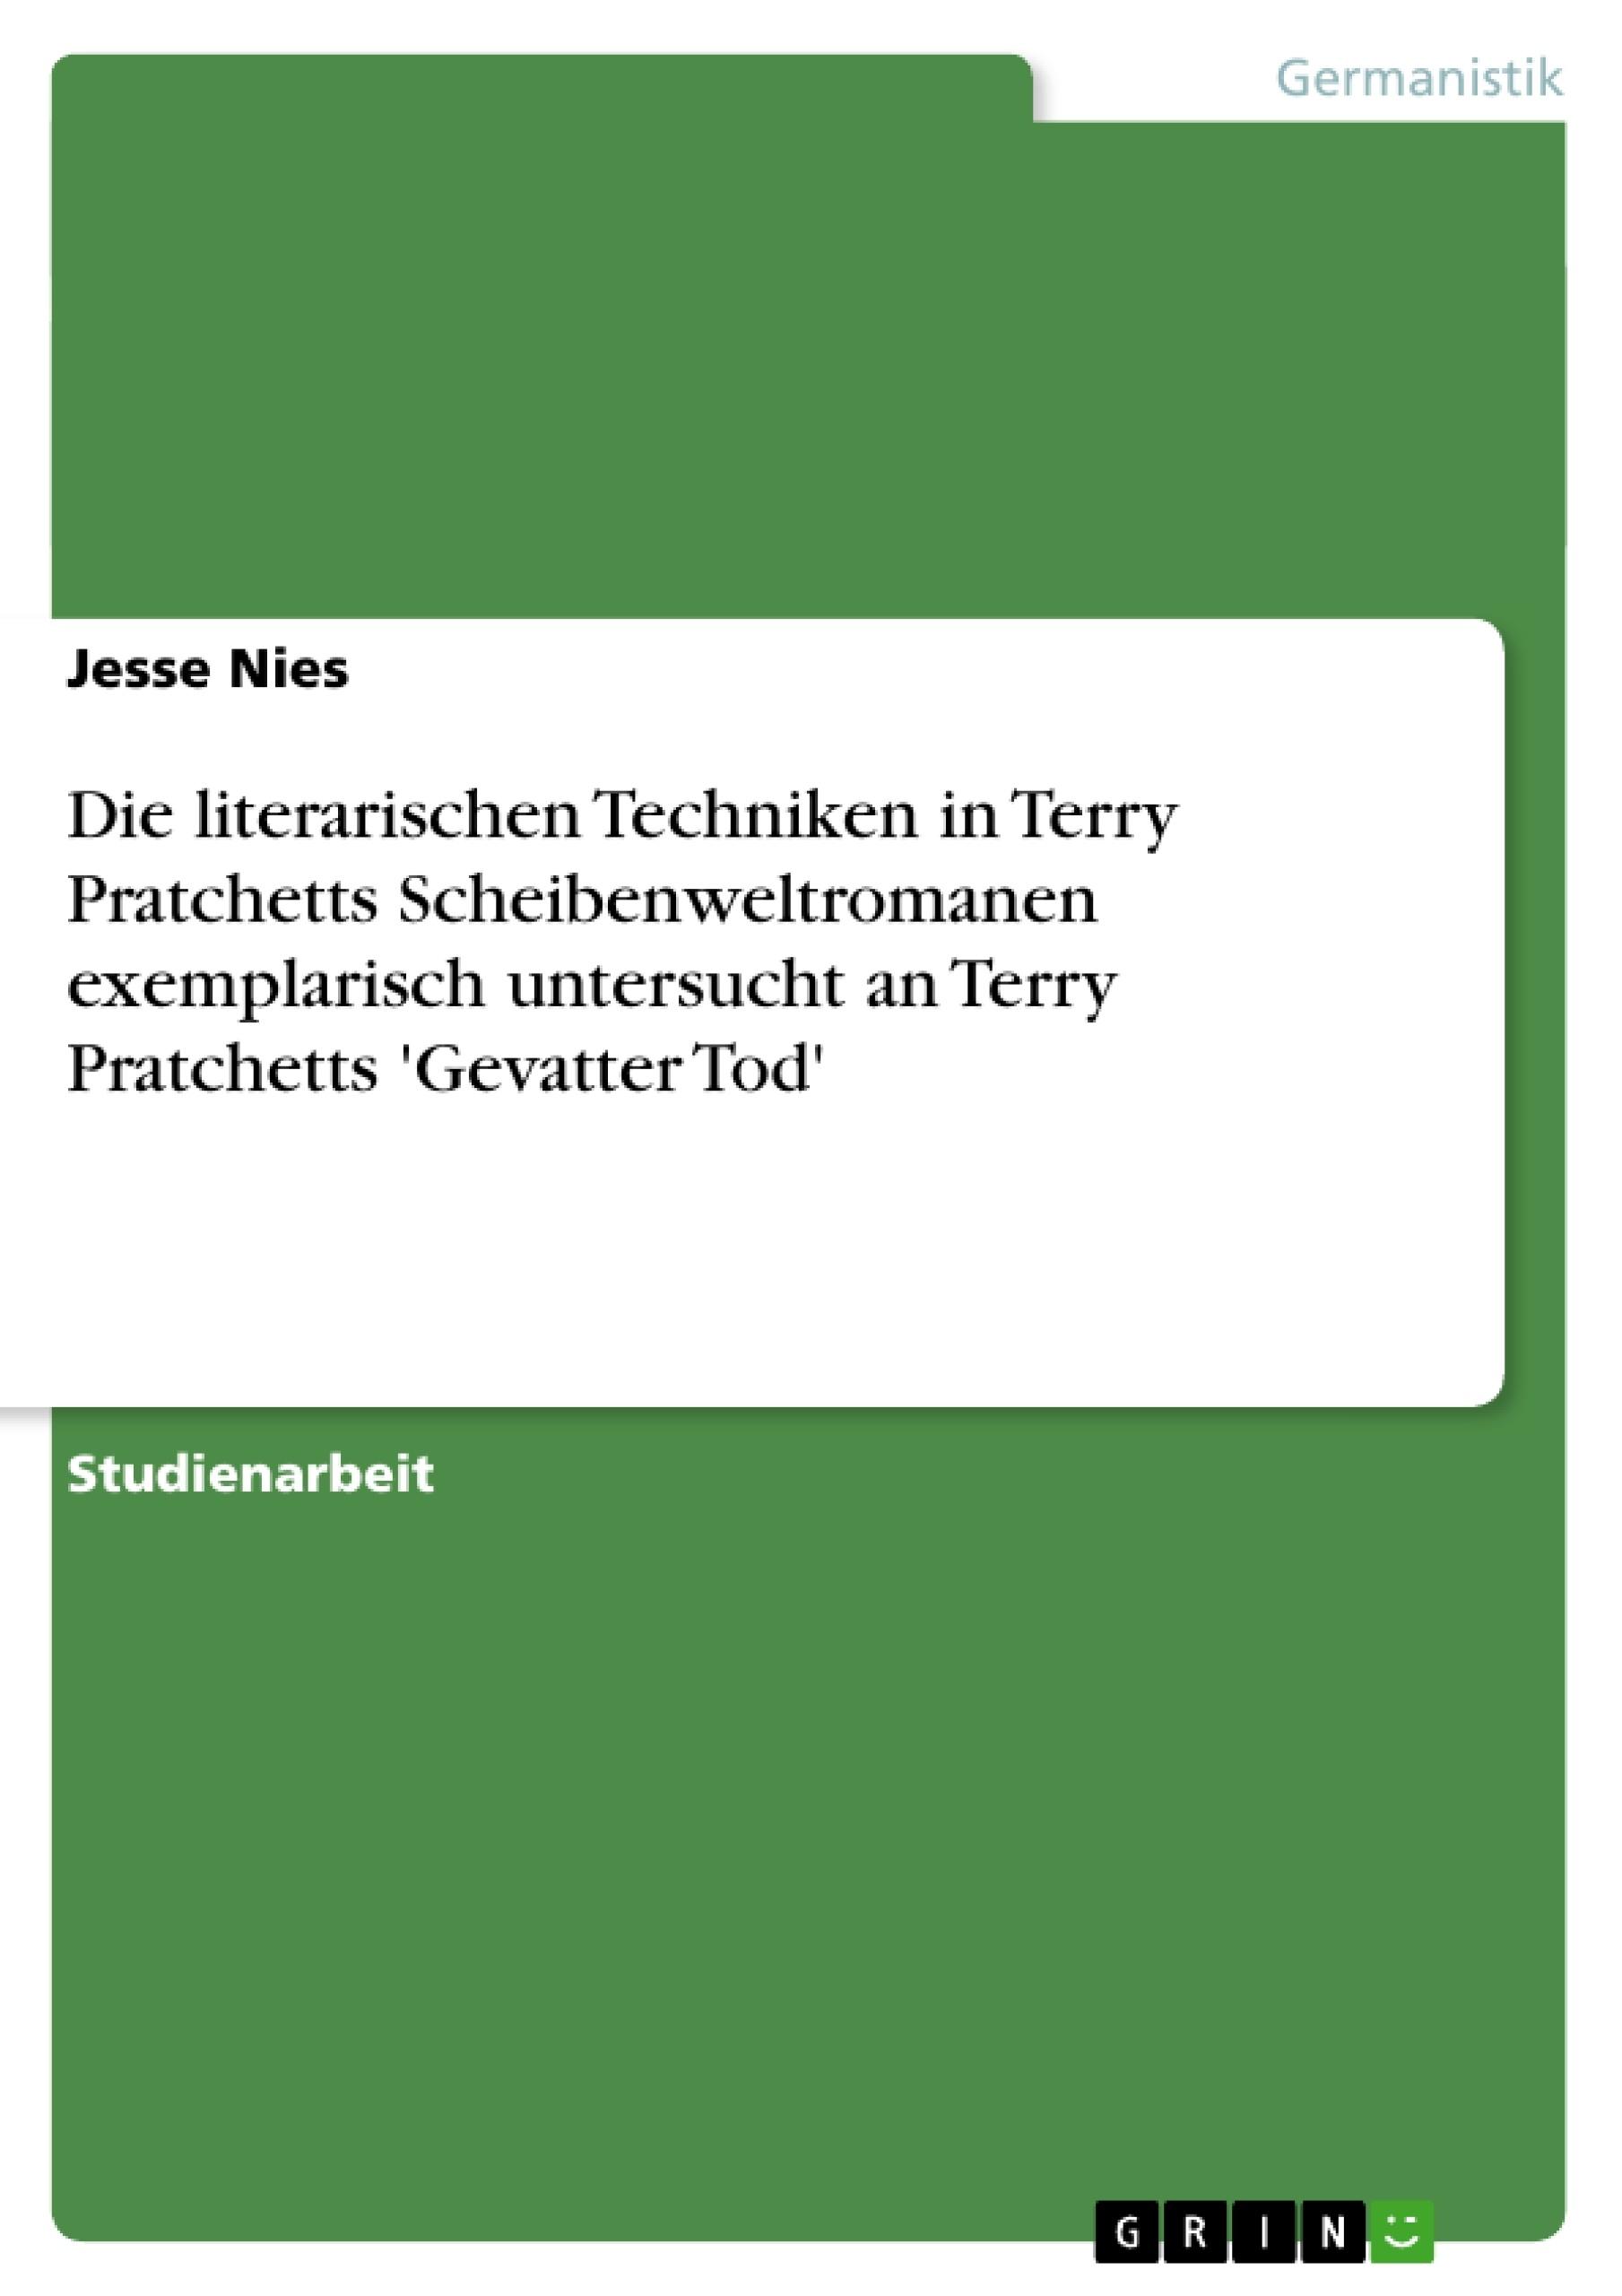 Titel: Die literarischen Techniken in Terry Pratchetts Scheibenweltromanen exemplarisch untersucht an Terry Pratchetts 'Gevatter Tod'